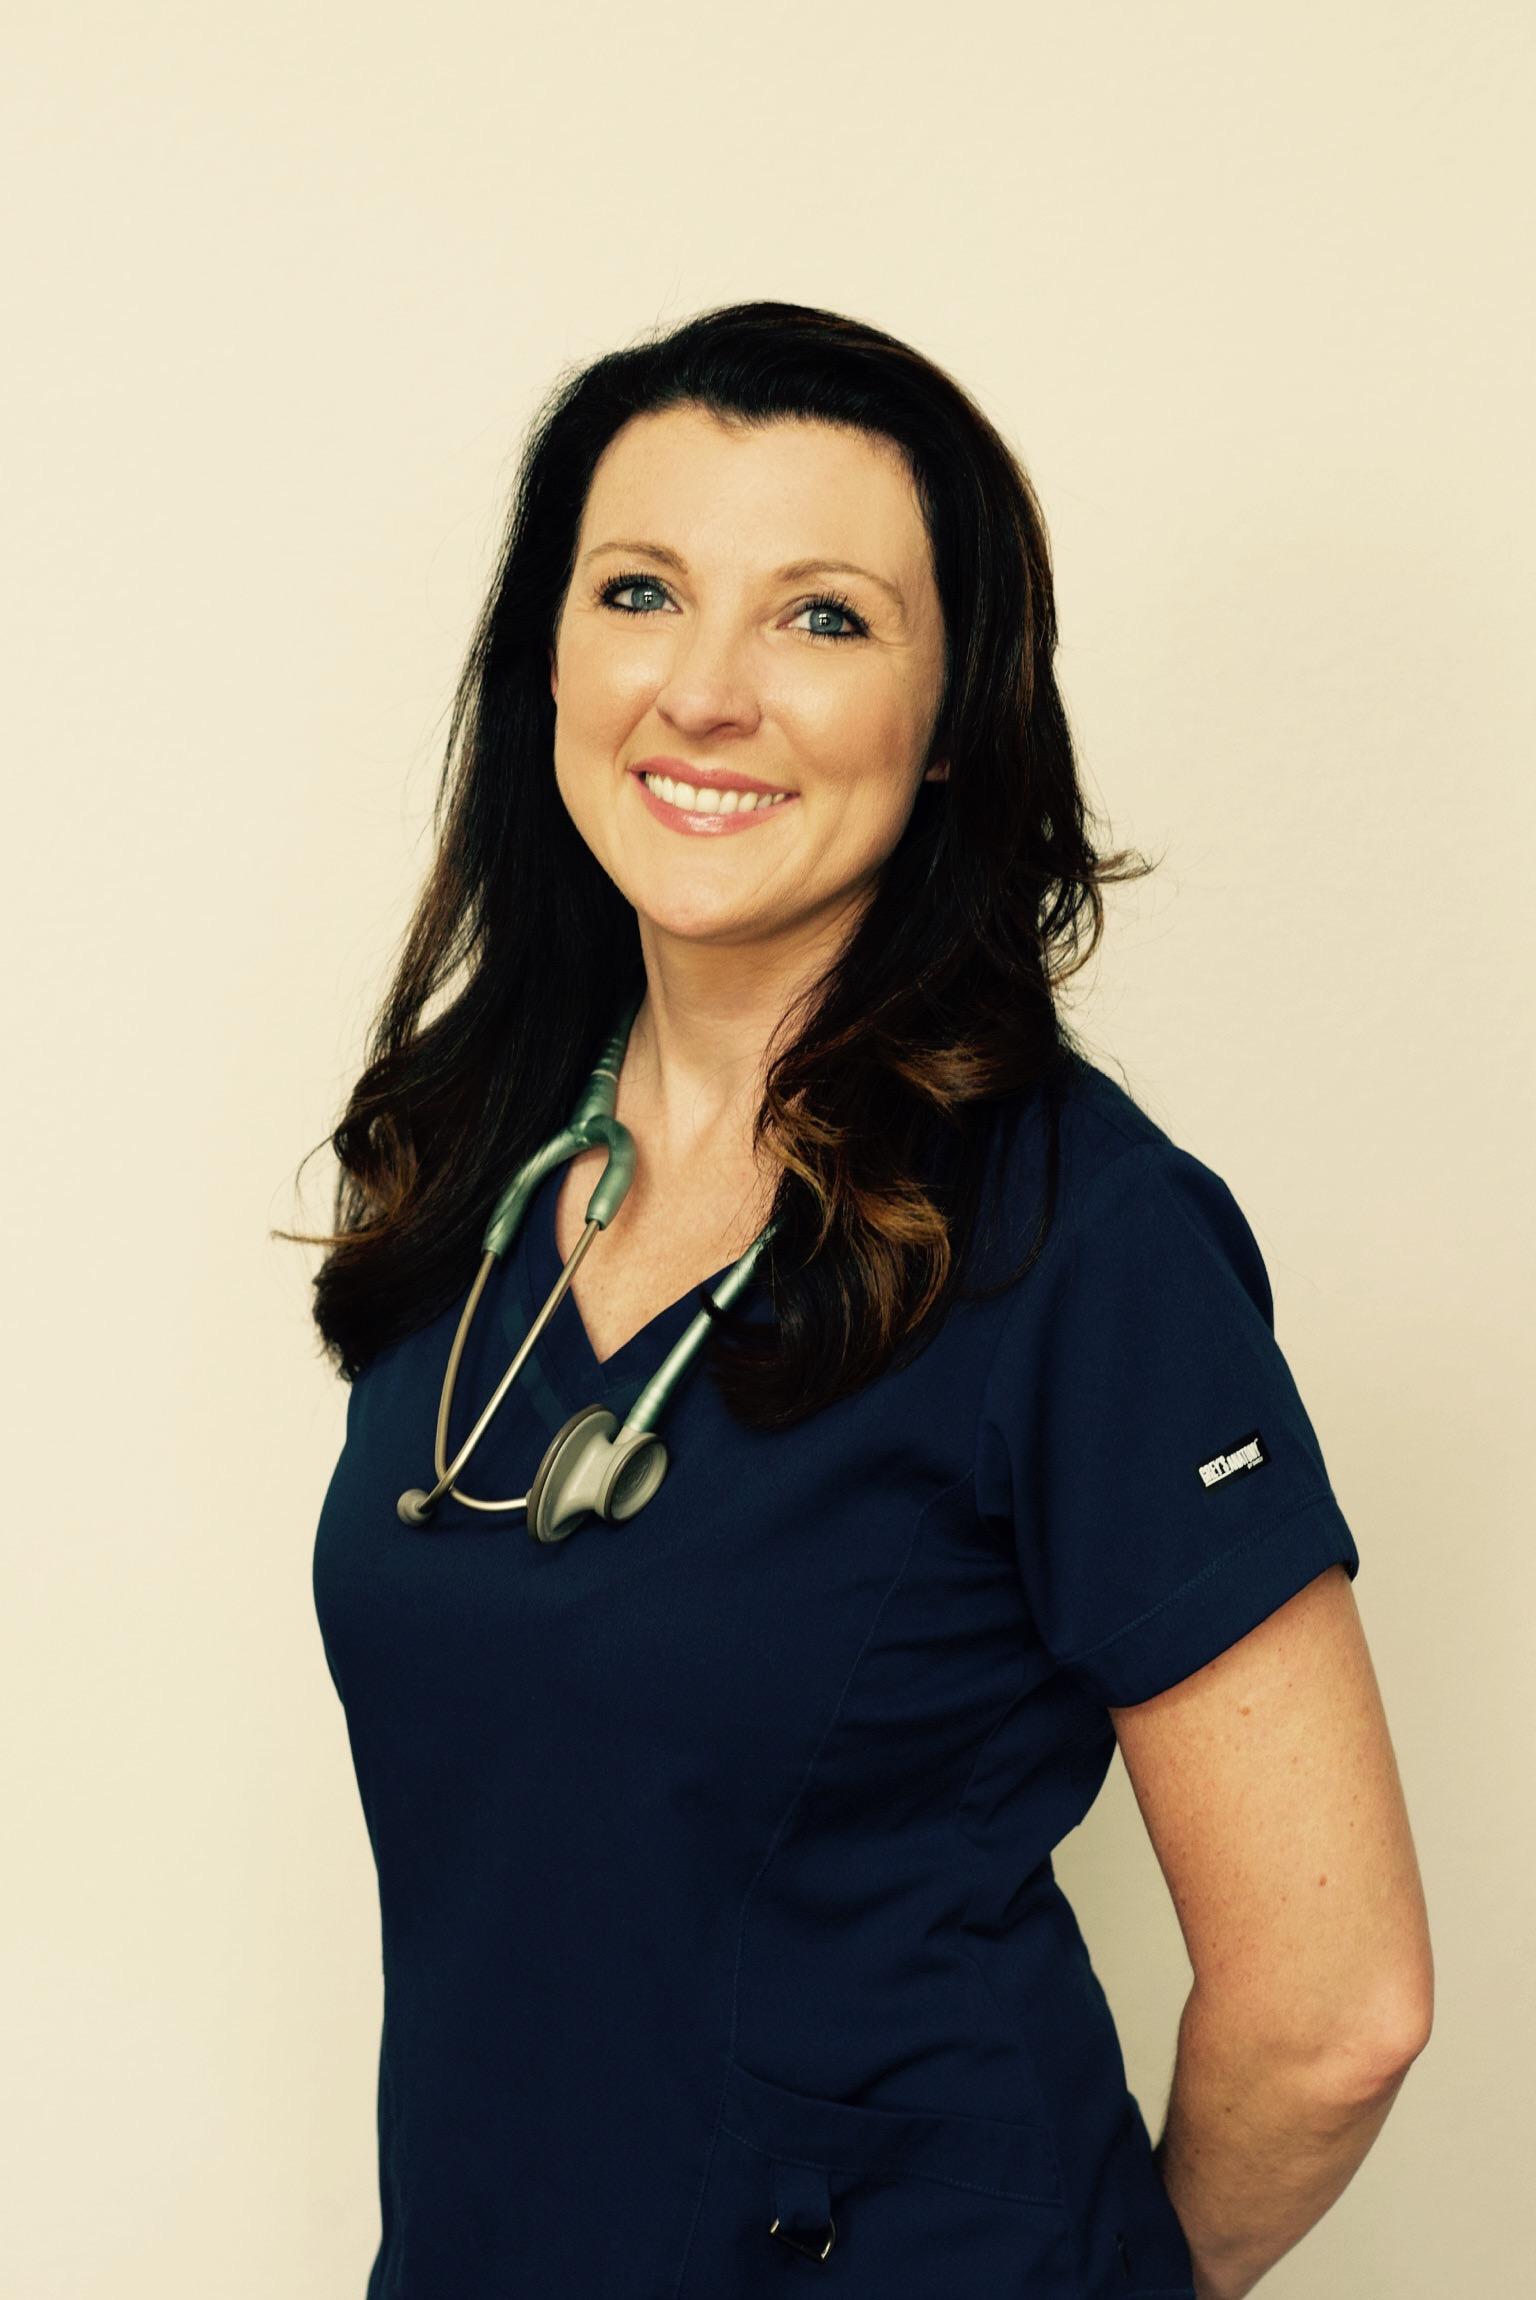 Staff Nurse Beth Purkey